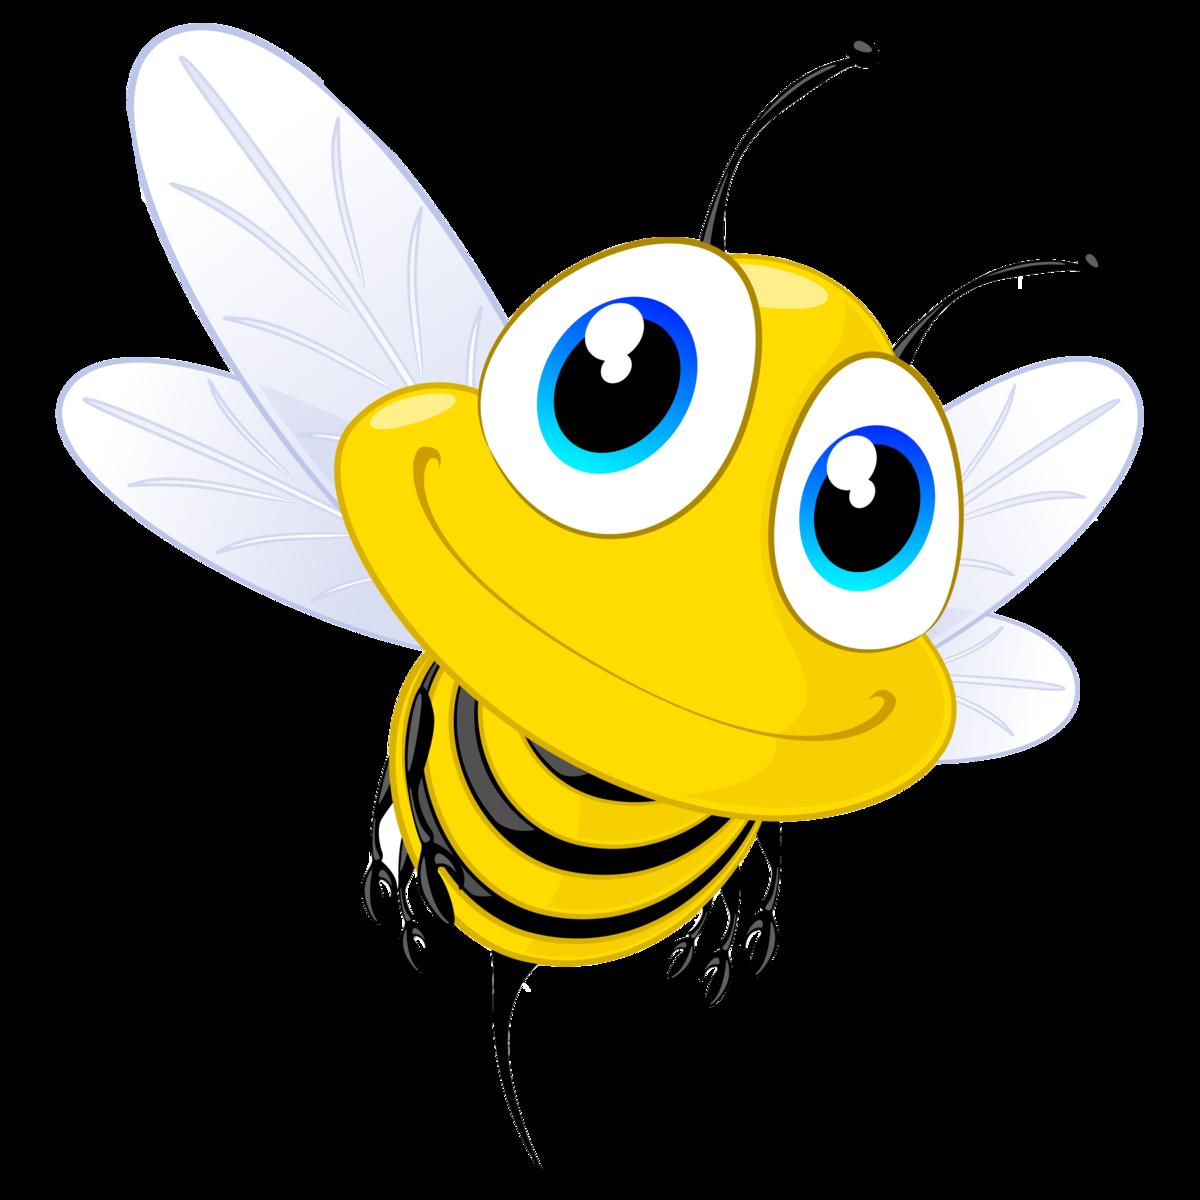 Картинки пчел мультяшных